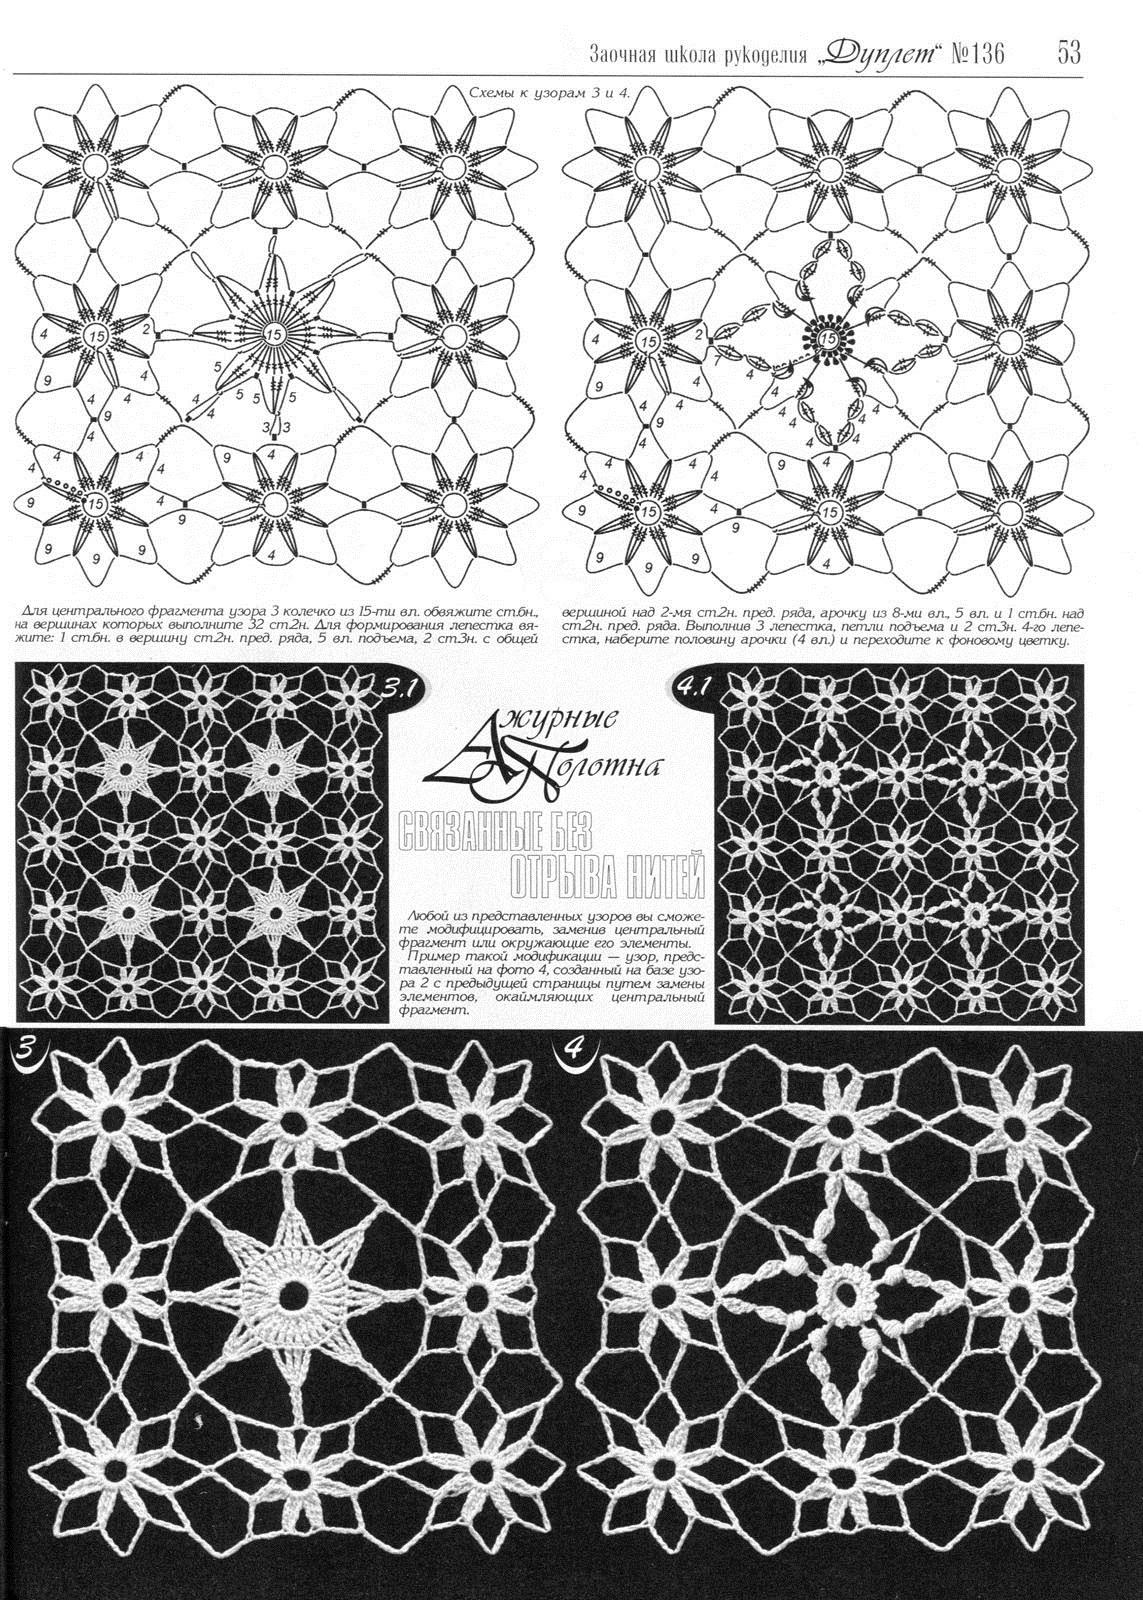 безотрывные цветочки в тесьме крючком схема